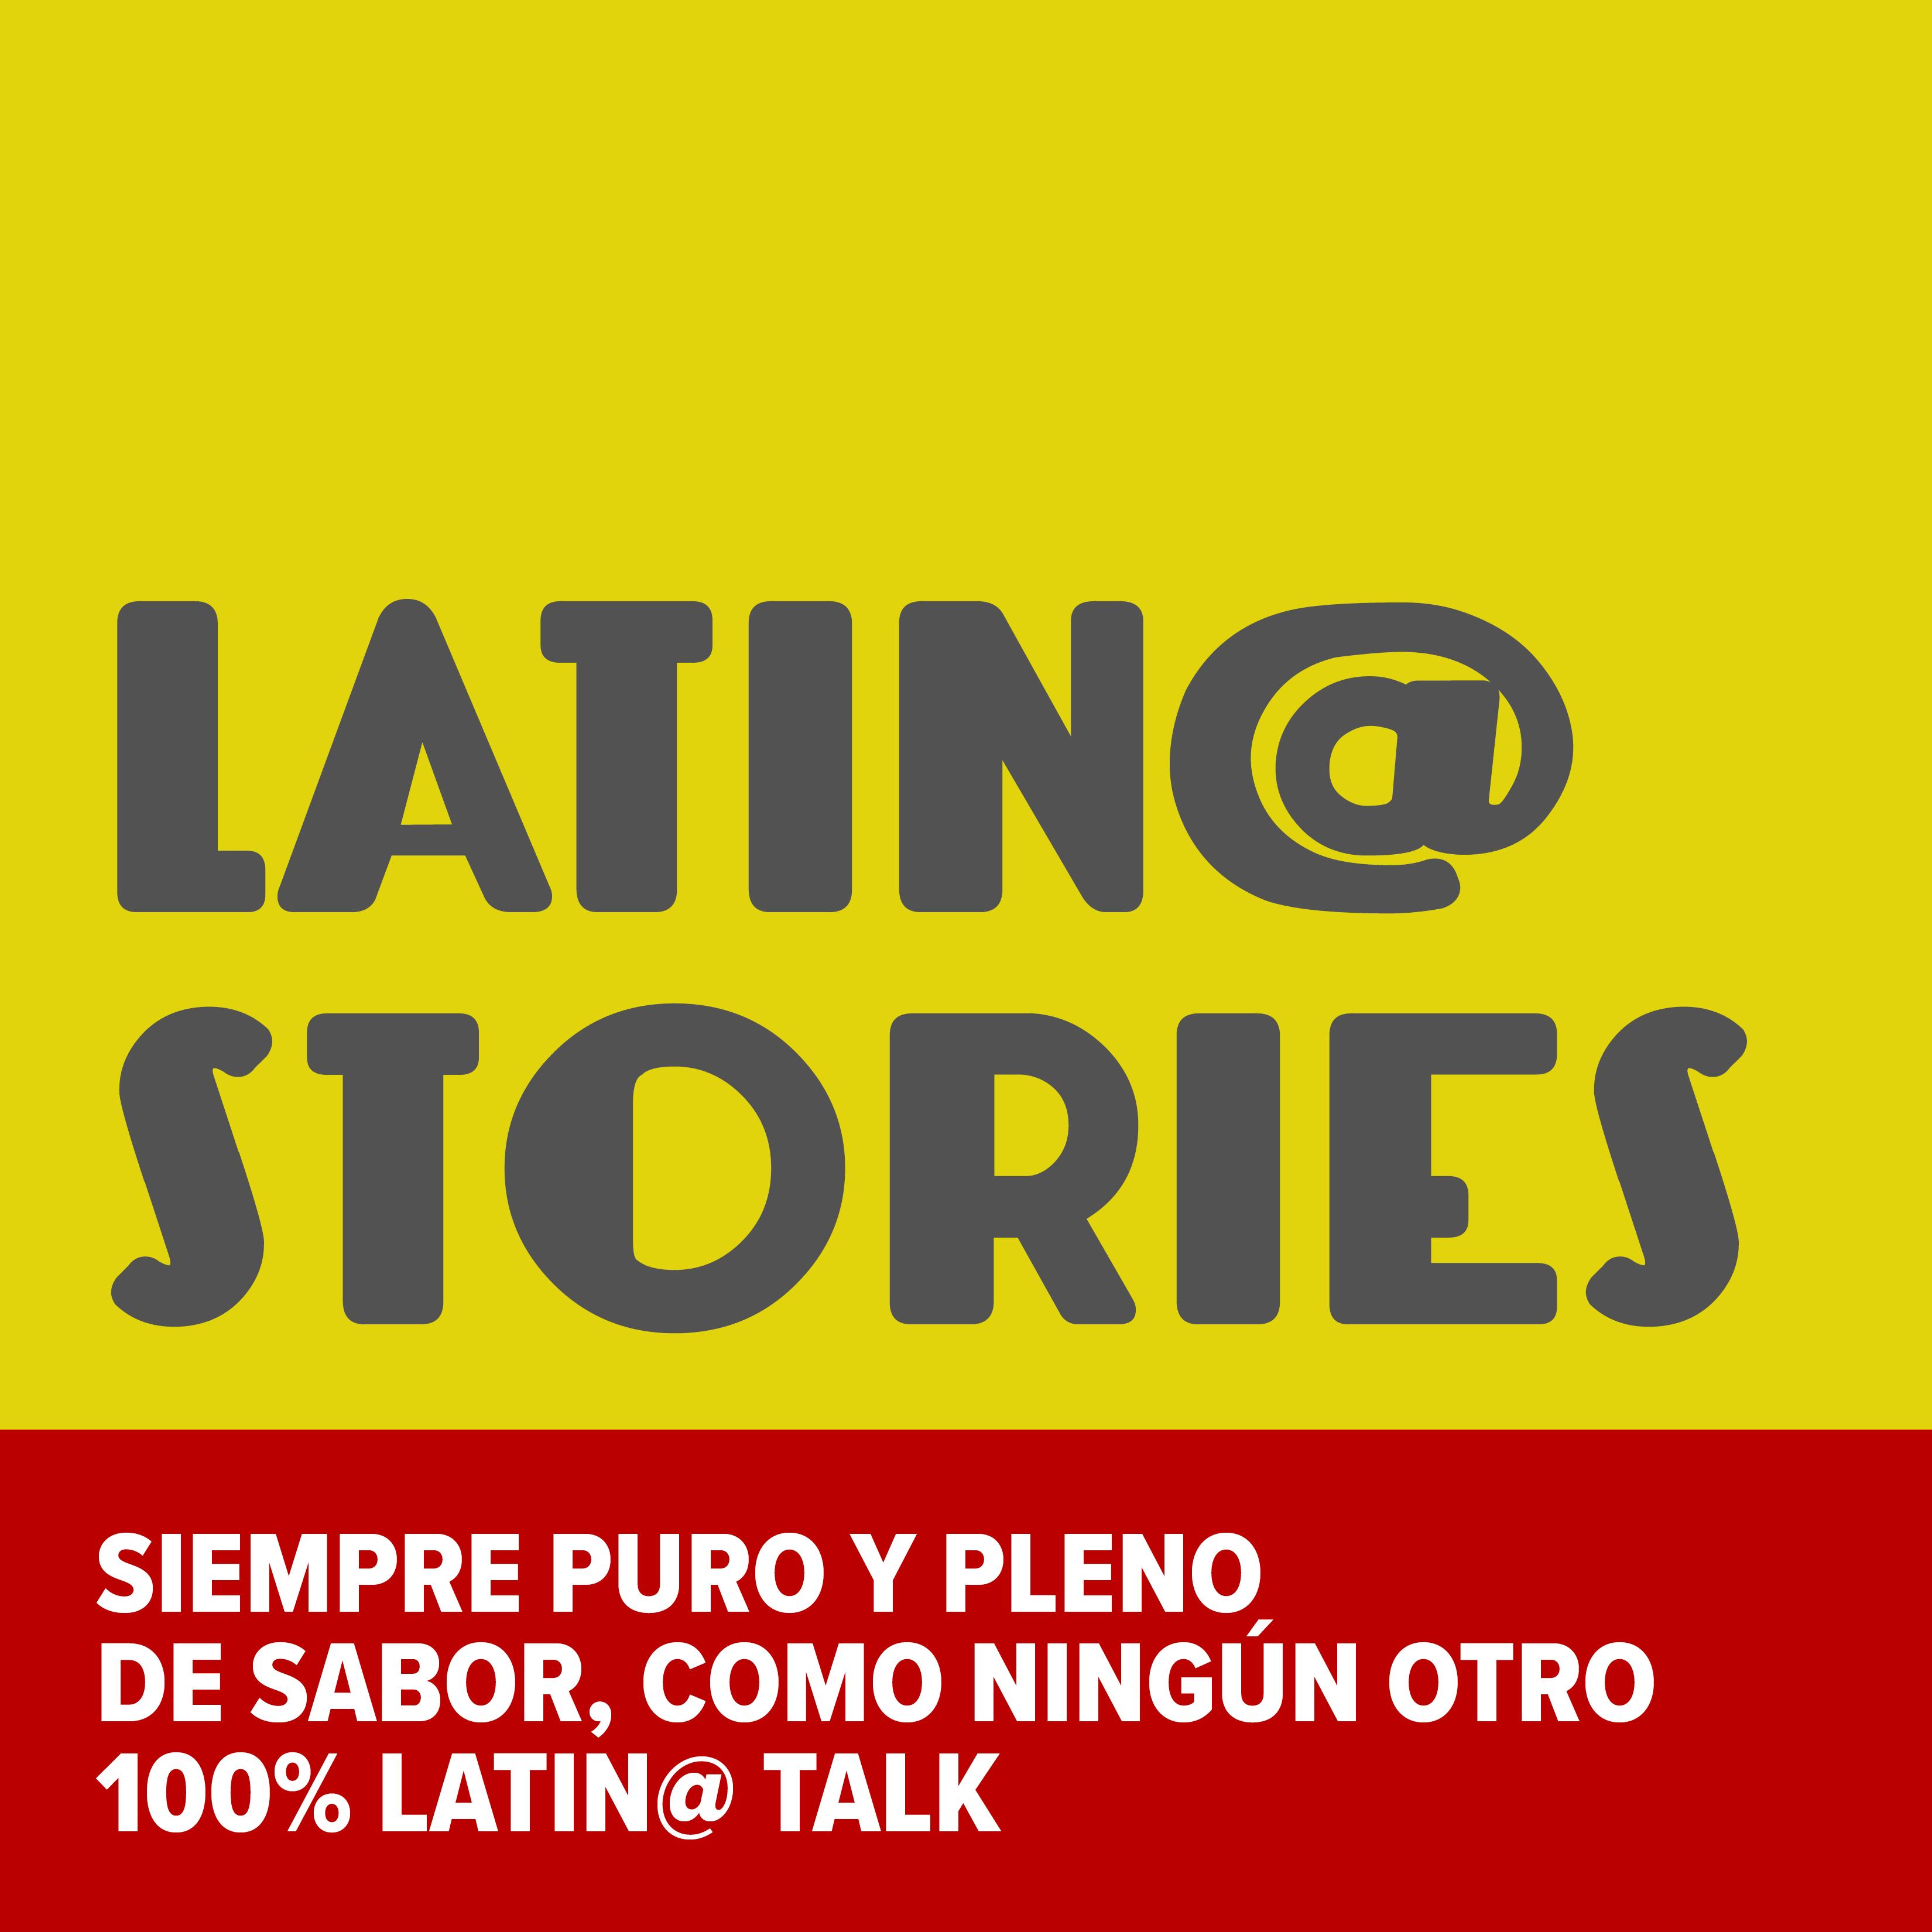 Latin@ Stories logo